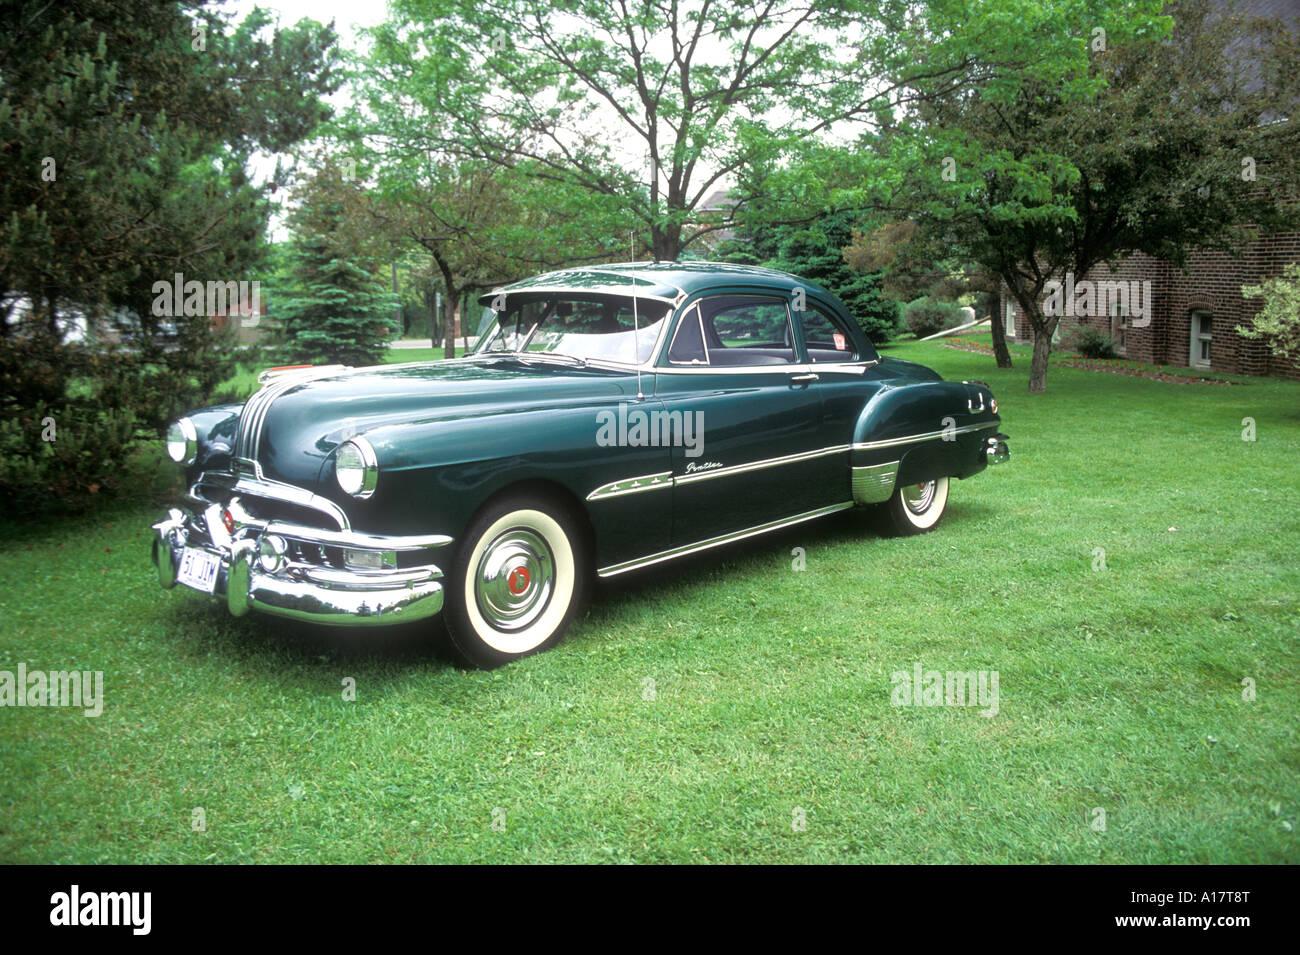 Pontiac Chieftain Stock Photos Images Alamy 1953 Sedan 1951 Image